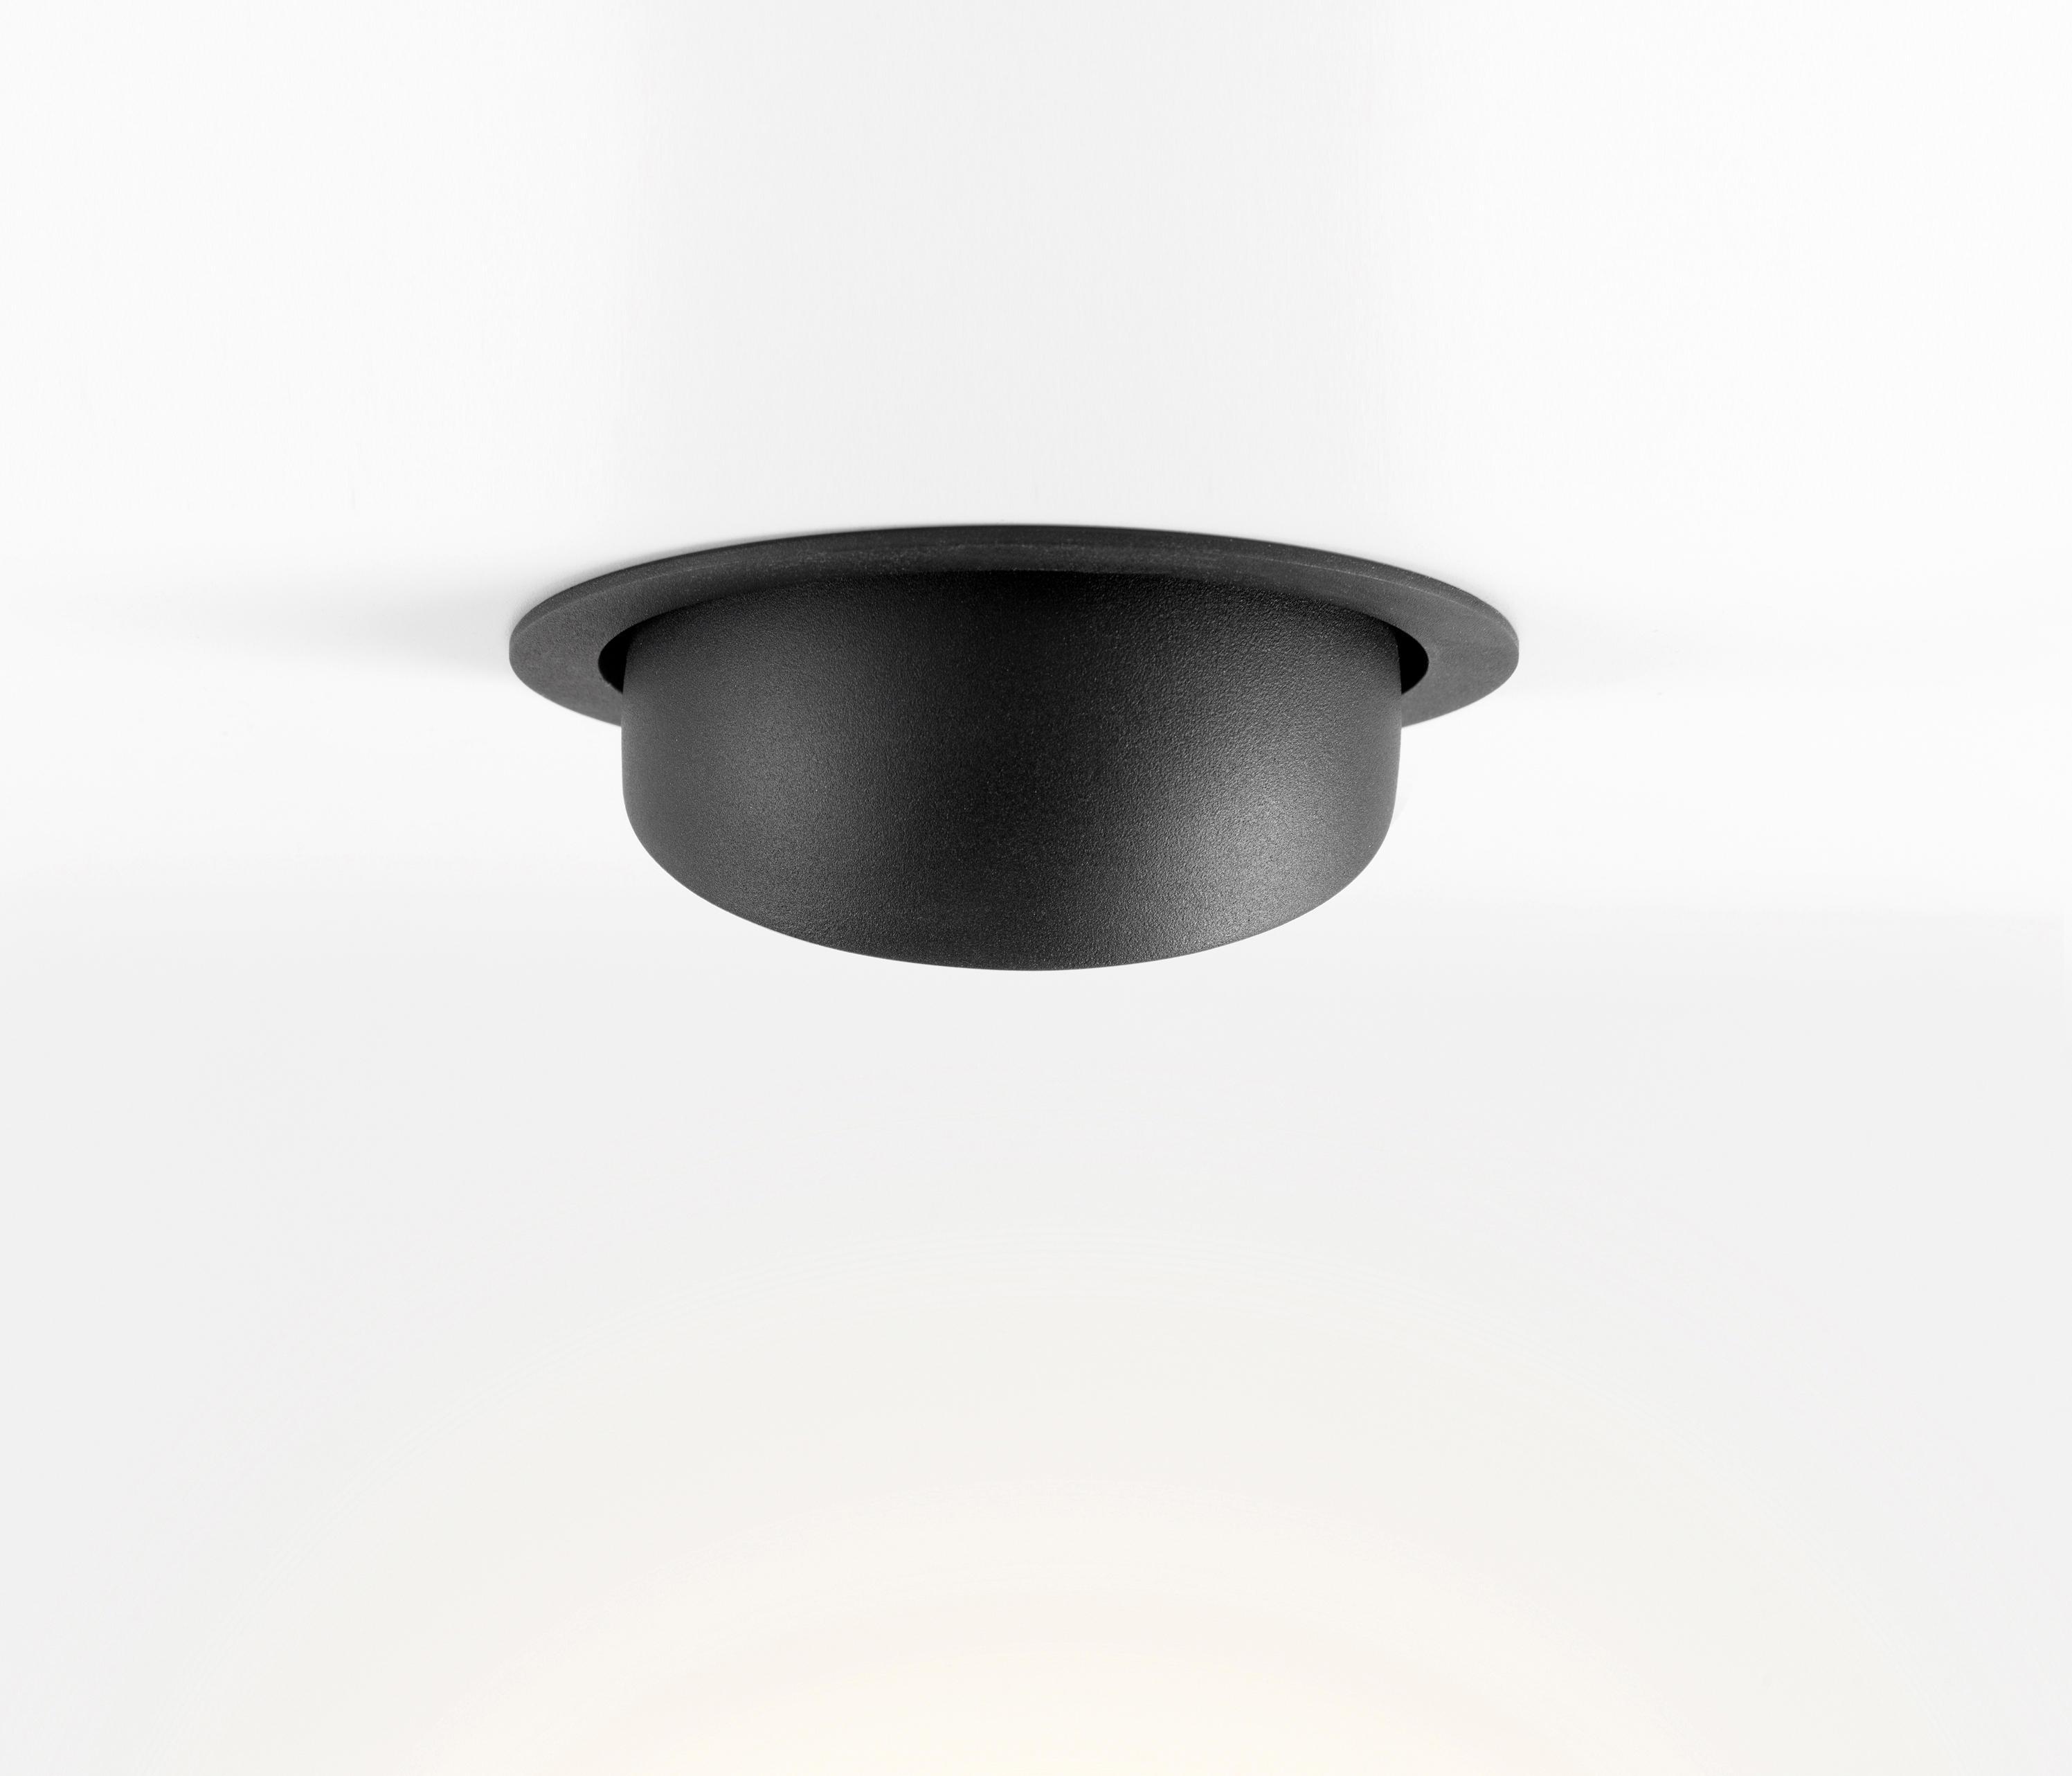 K120 ADJUSTABLE LED GE - Deckeneinbauleuchten von Modular Lighting ...